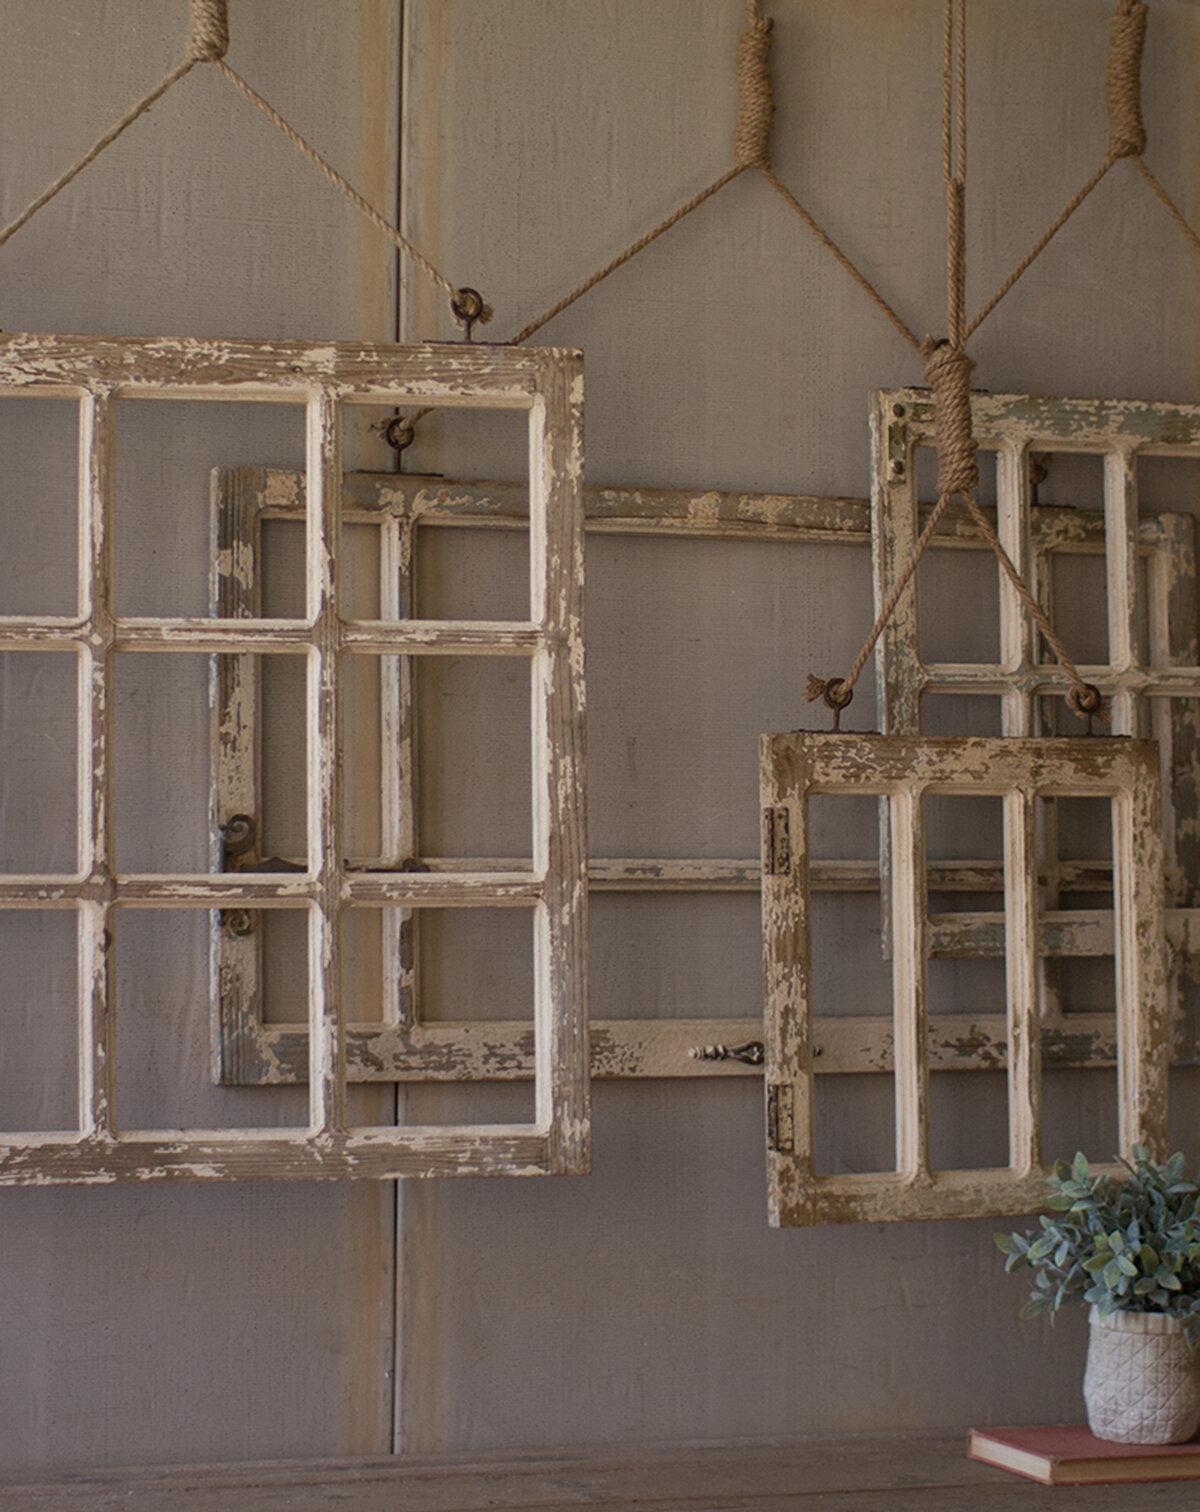 August Grove 4 Piece Window Frame Wall Decor Set Reviews Wayfair